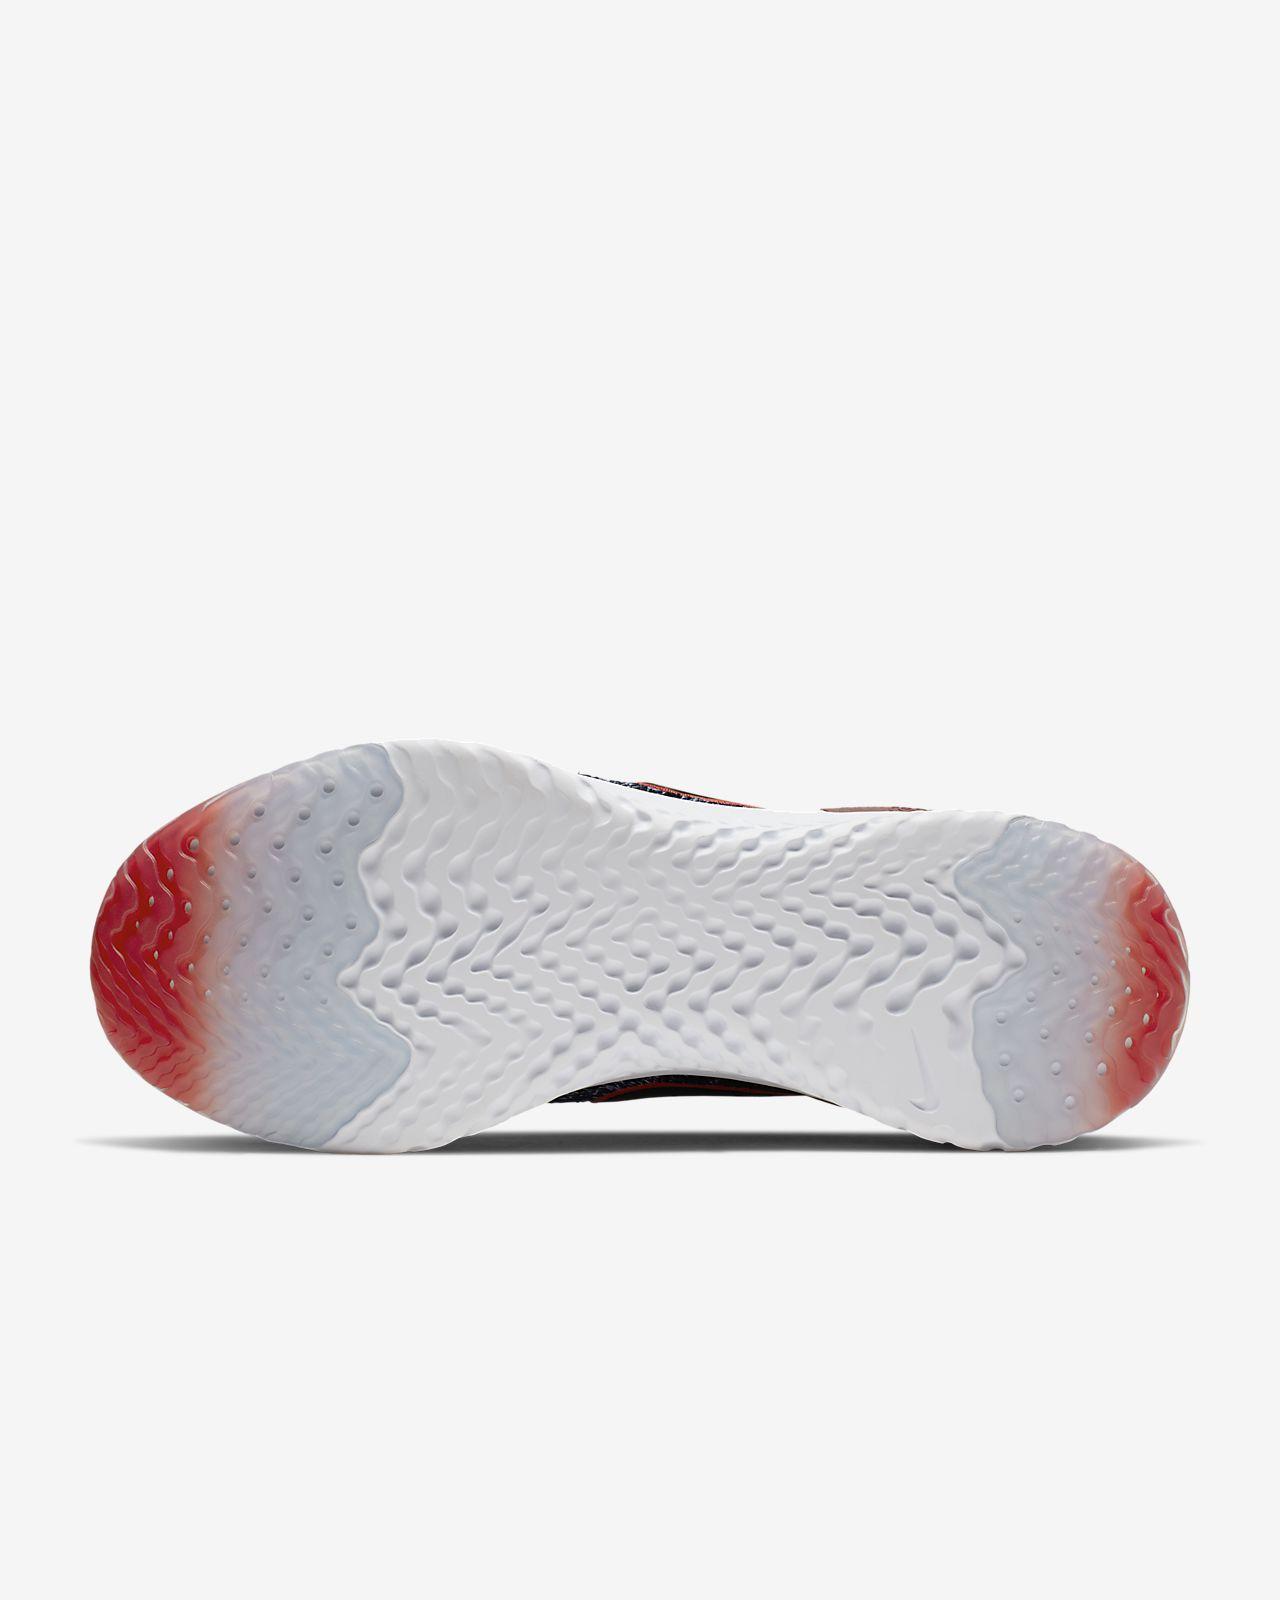 Nike Epic React Flyknit 2 Rabid Panda Men's Running Shoe